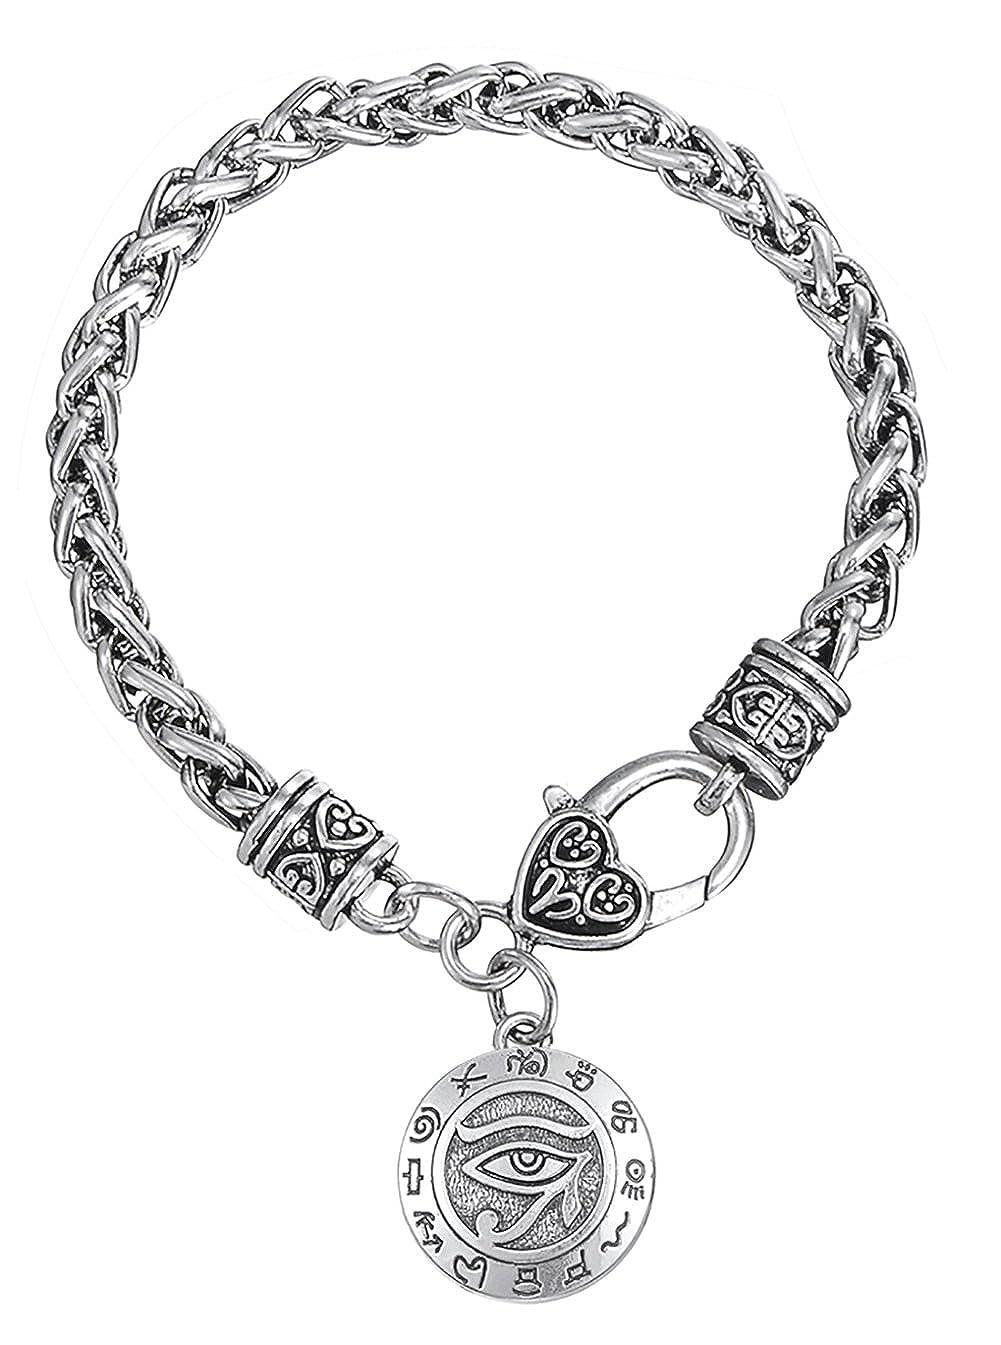 Dawapara Religieux Dieu égyptien The Eye of Horus avec l'écriture de l'Égypte Antique Pendentif de blé Bracelet chaîne YiYou B07B3R7X26_US